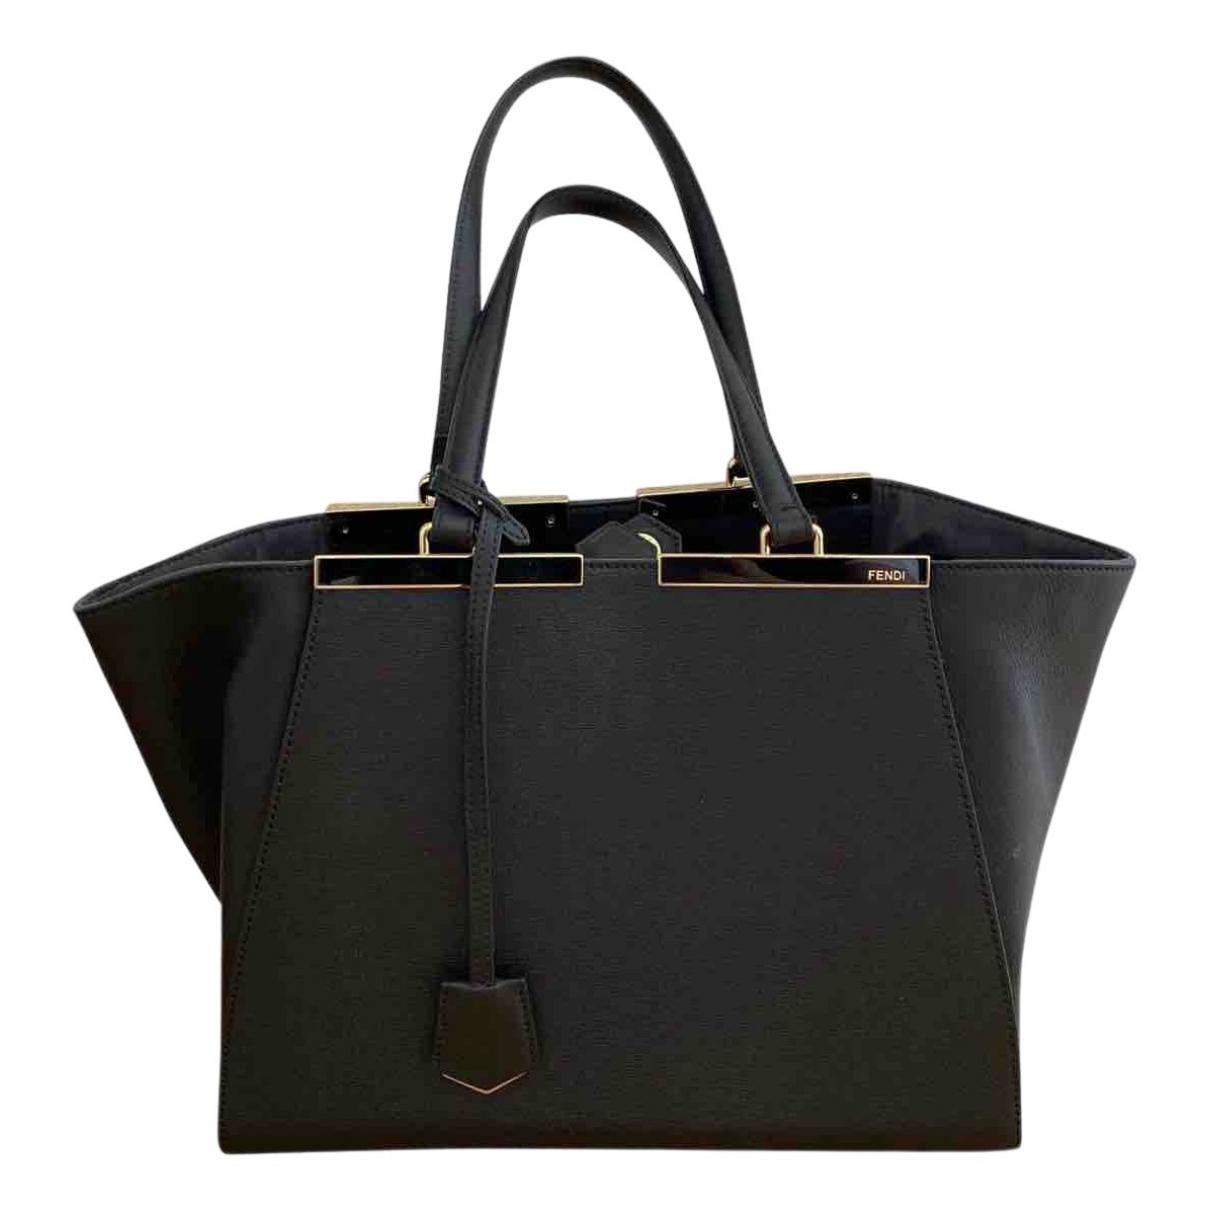 Fendi - Sac a main 3Jours pour femme en cuir - noir